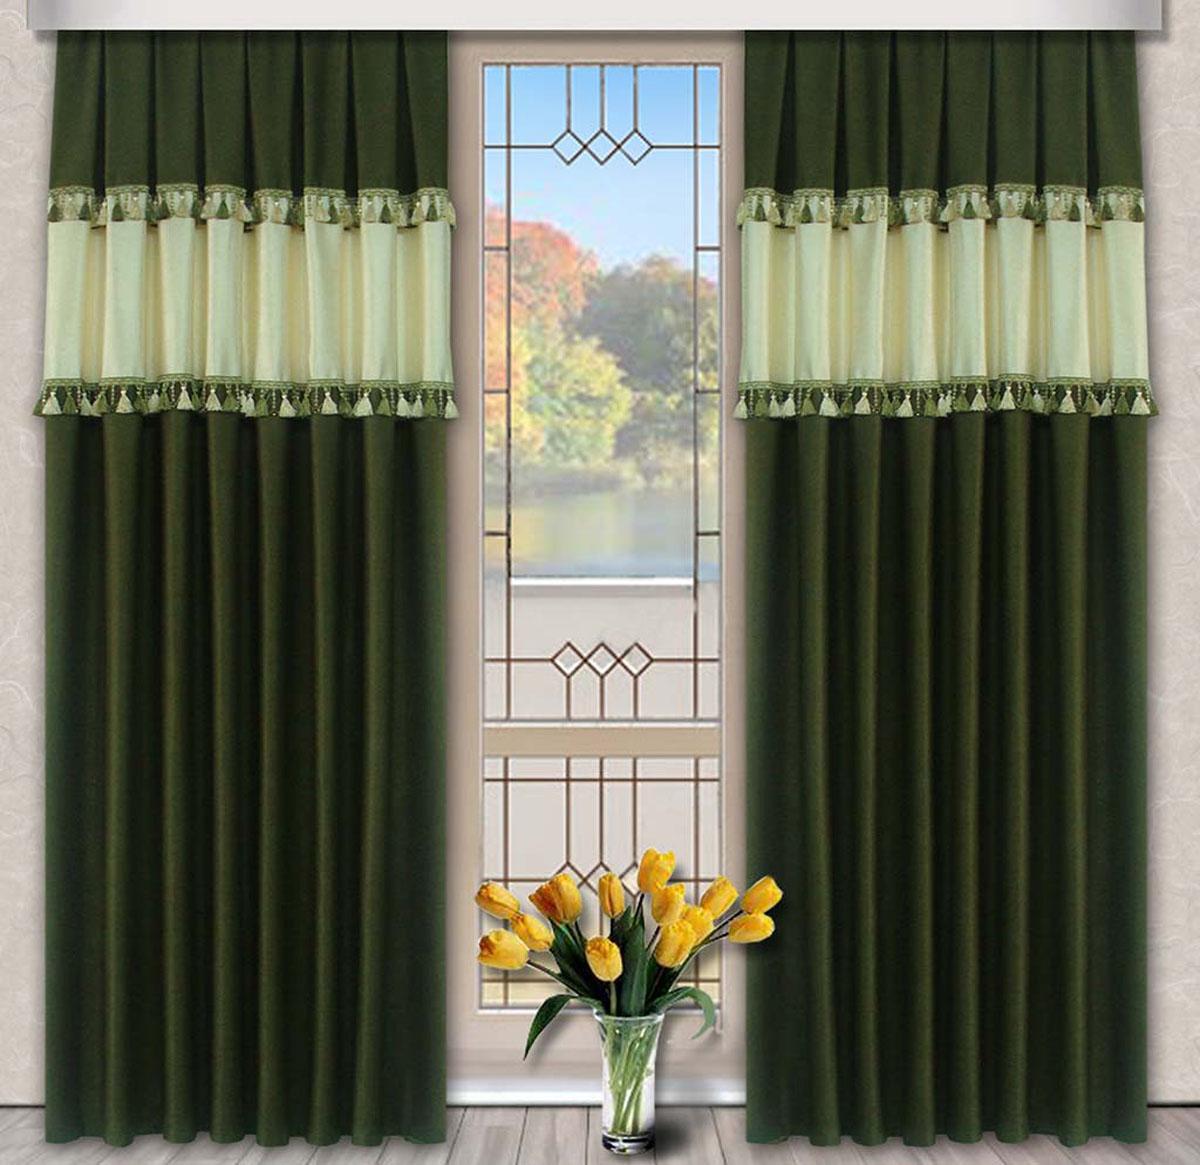 Комплект штор Винтаж, на ленте, цвет: зеленый, бежевый, высота 270 см79723Портьеры из плотной ткани украшенные бахромой. Стирка не более 30 градусов